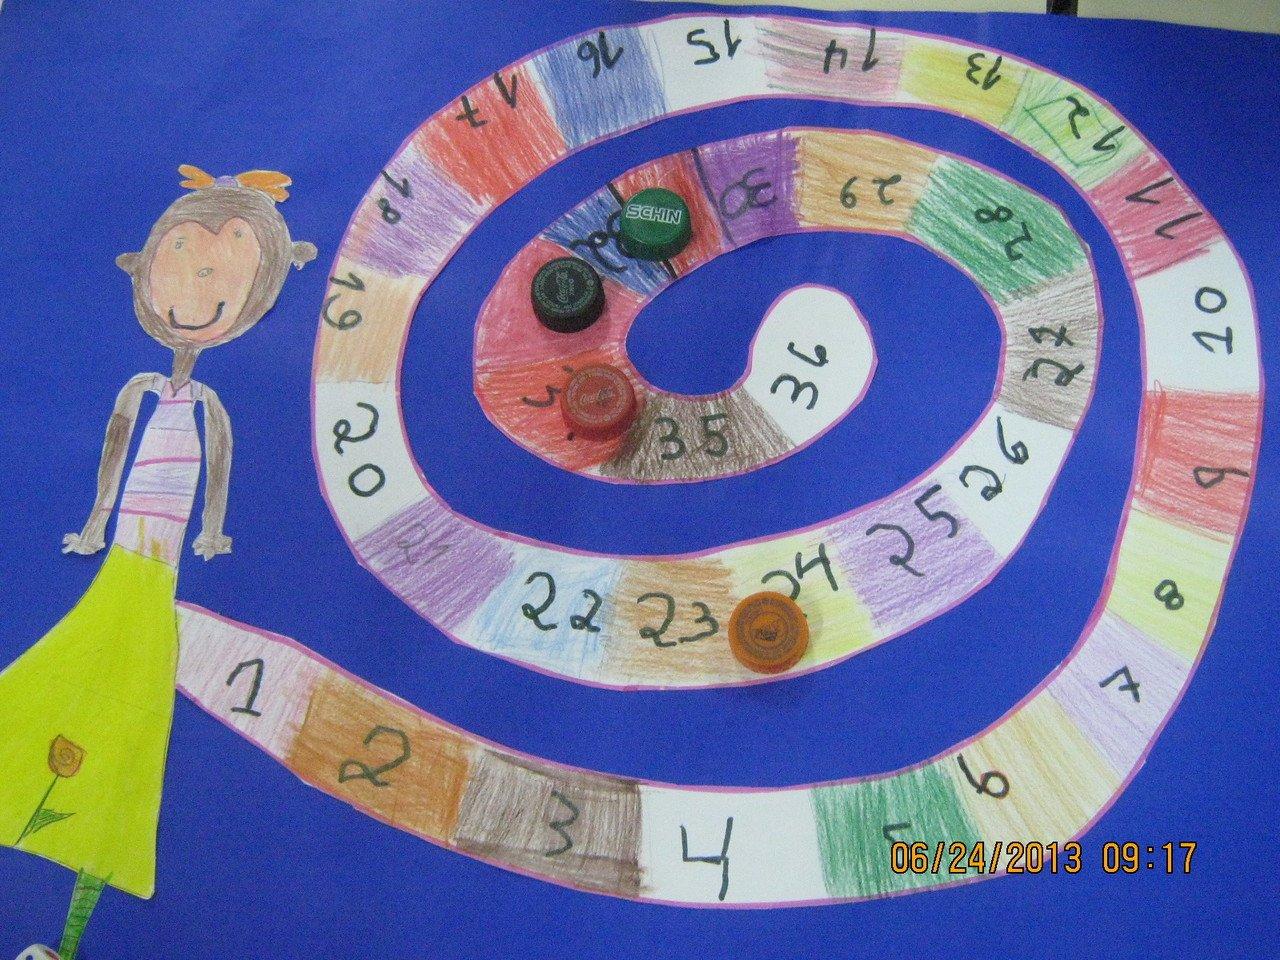 Favoritos Jogos incríveis e simples para a alfabetização matemática BE24